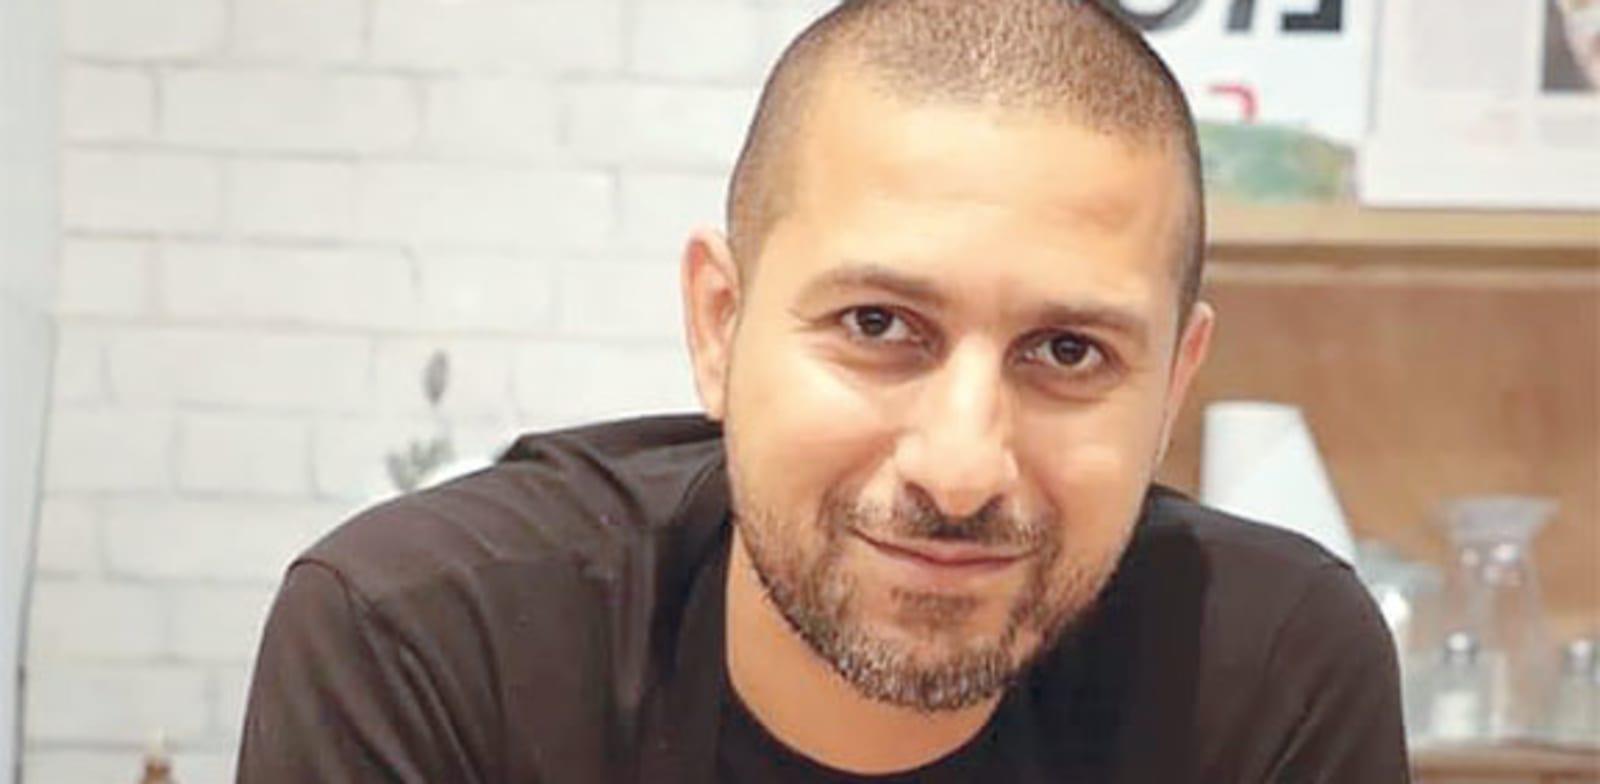 אחמד חטאב, בעלי אל קלחה / צילום: תמונה פרטית